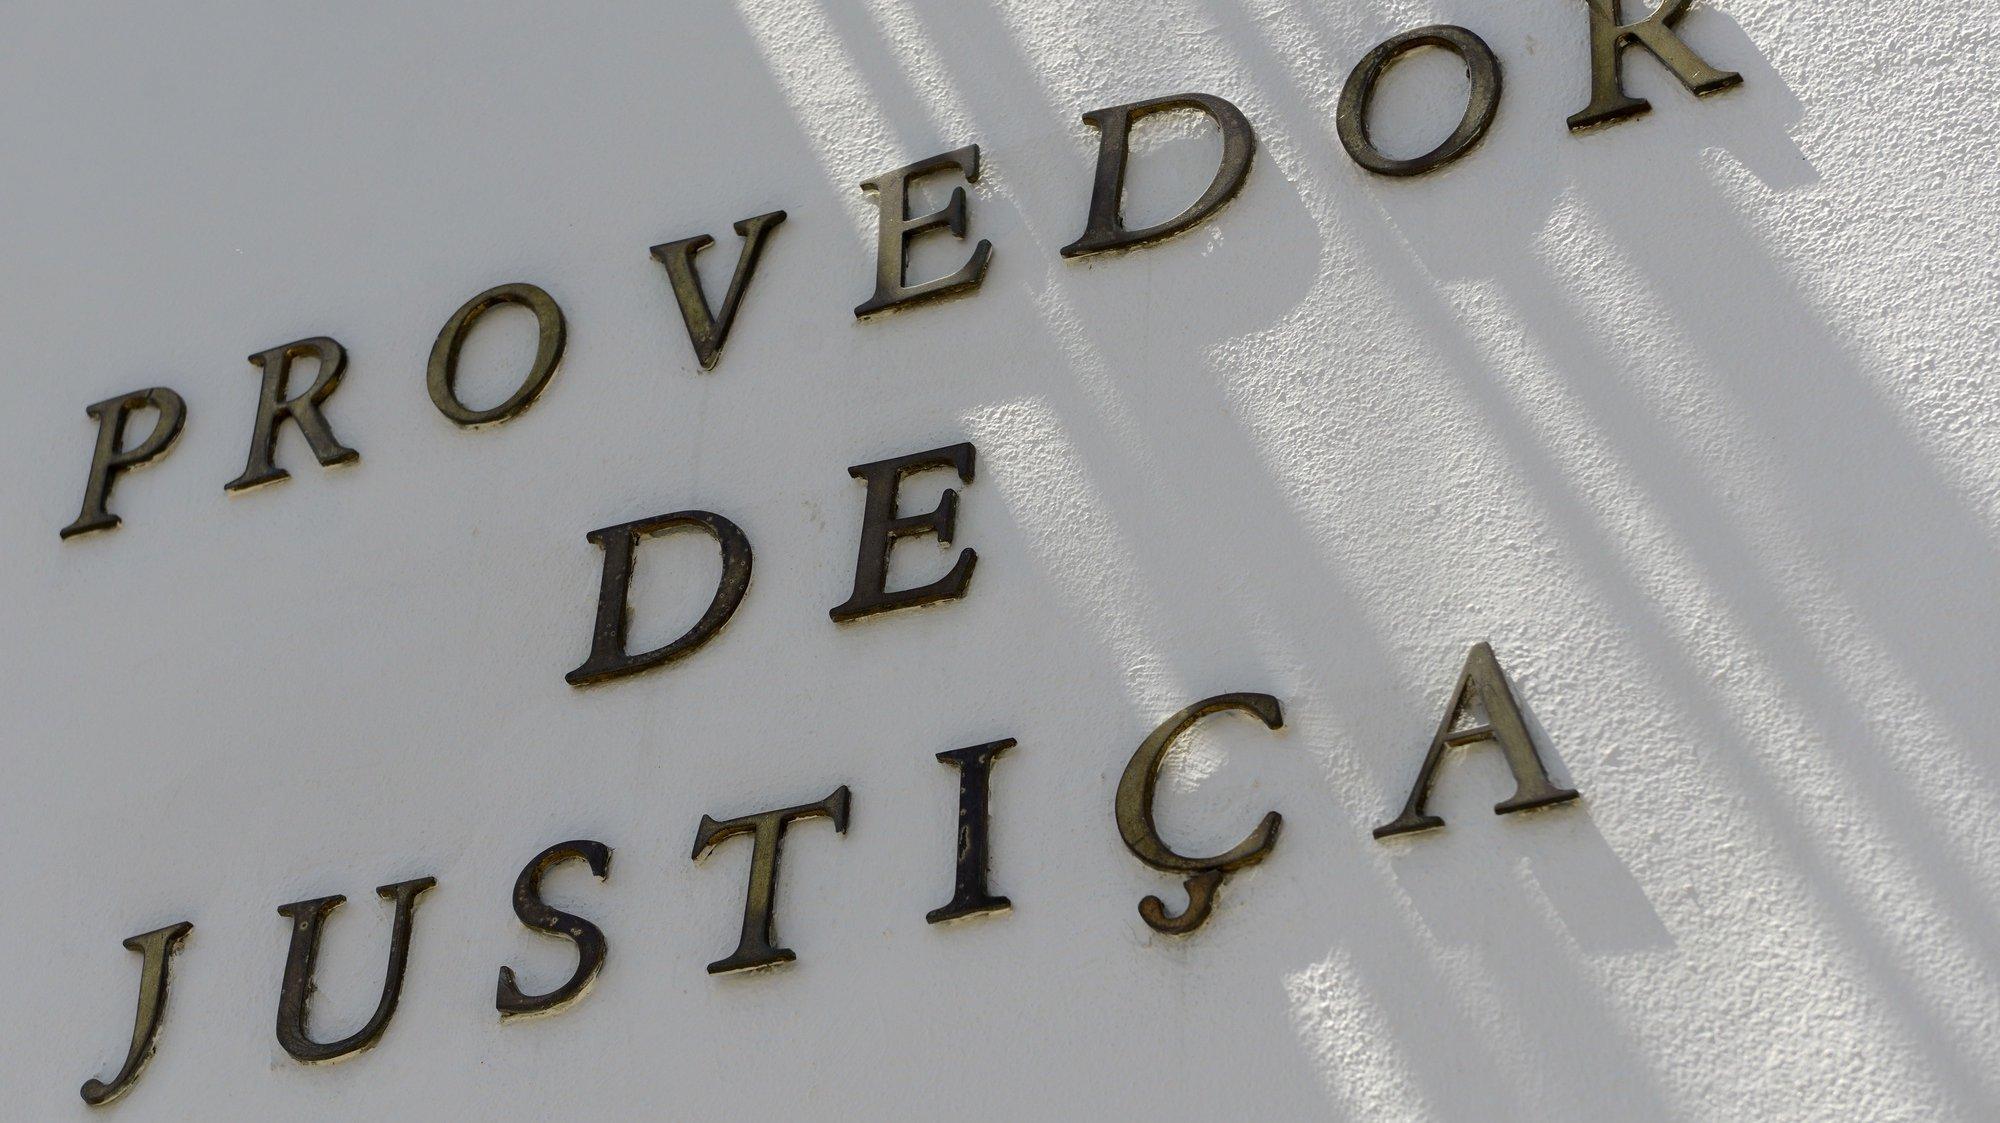 Provedoria de Justiça, 14 maio 2013, em Lisboa.   JOÃO CORDEIRO